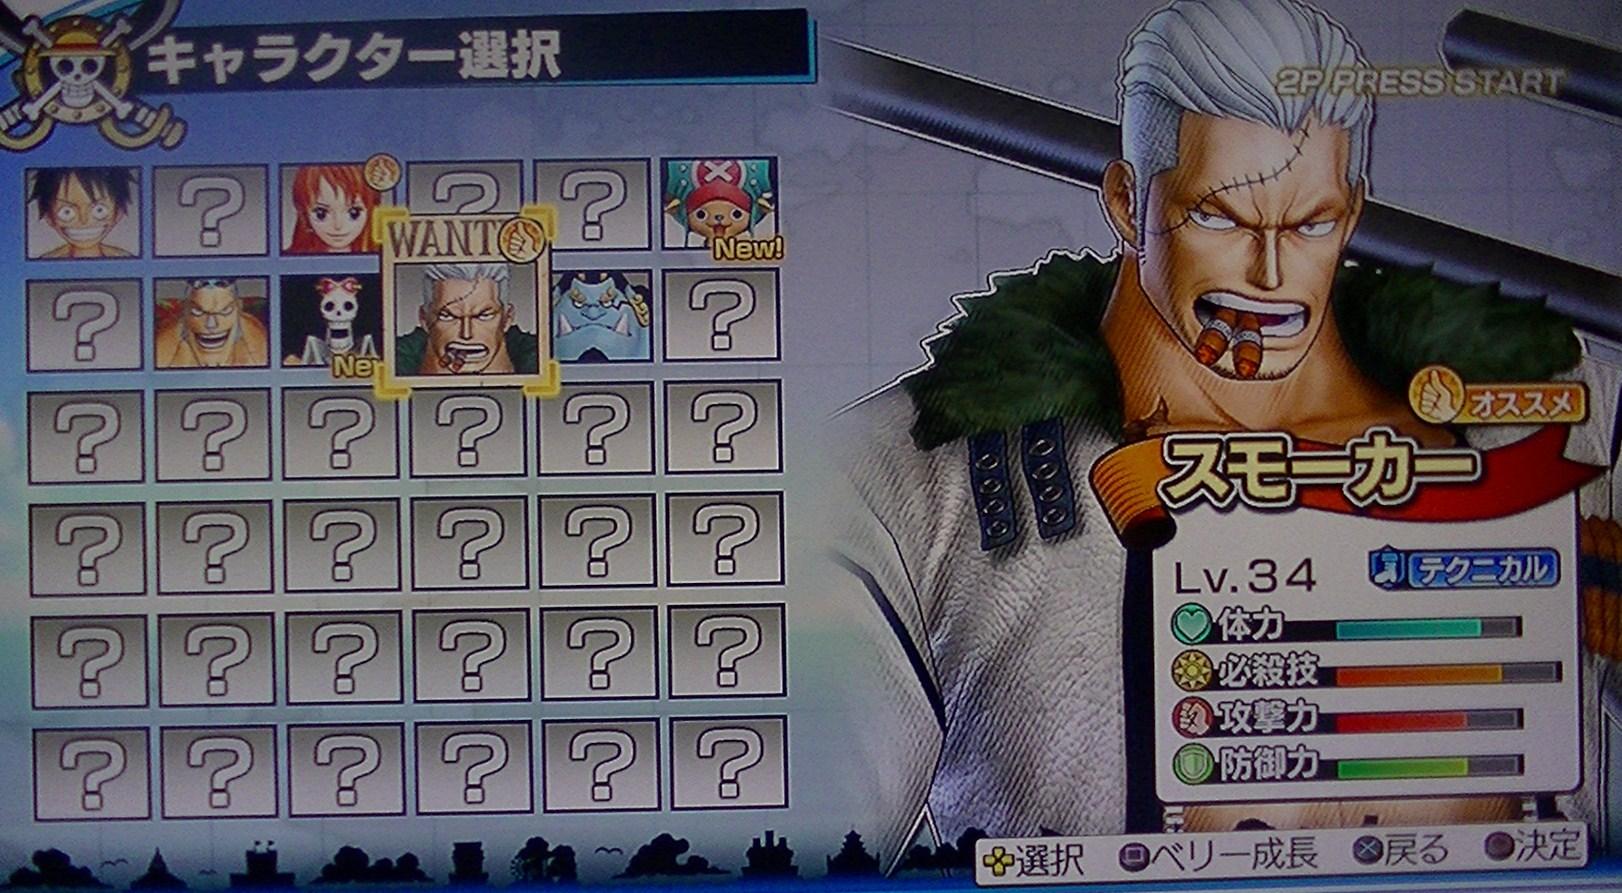 ワンピース海賊無双2 メインエピソード 白ひげ登場 001